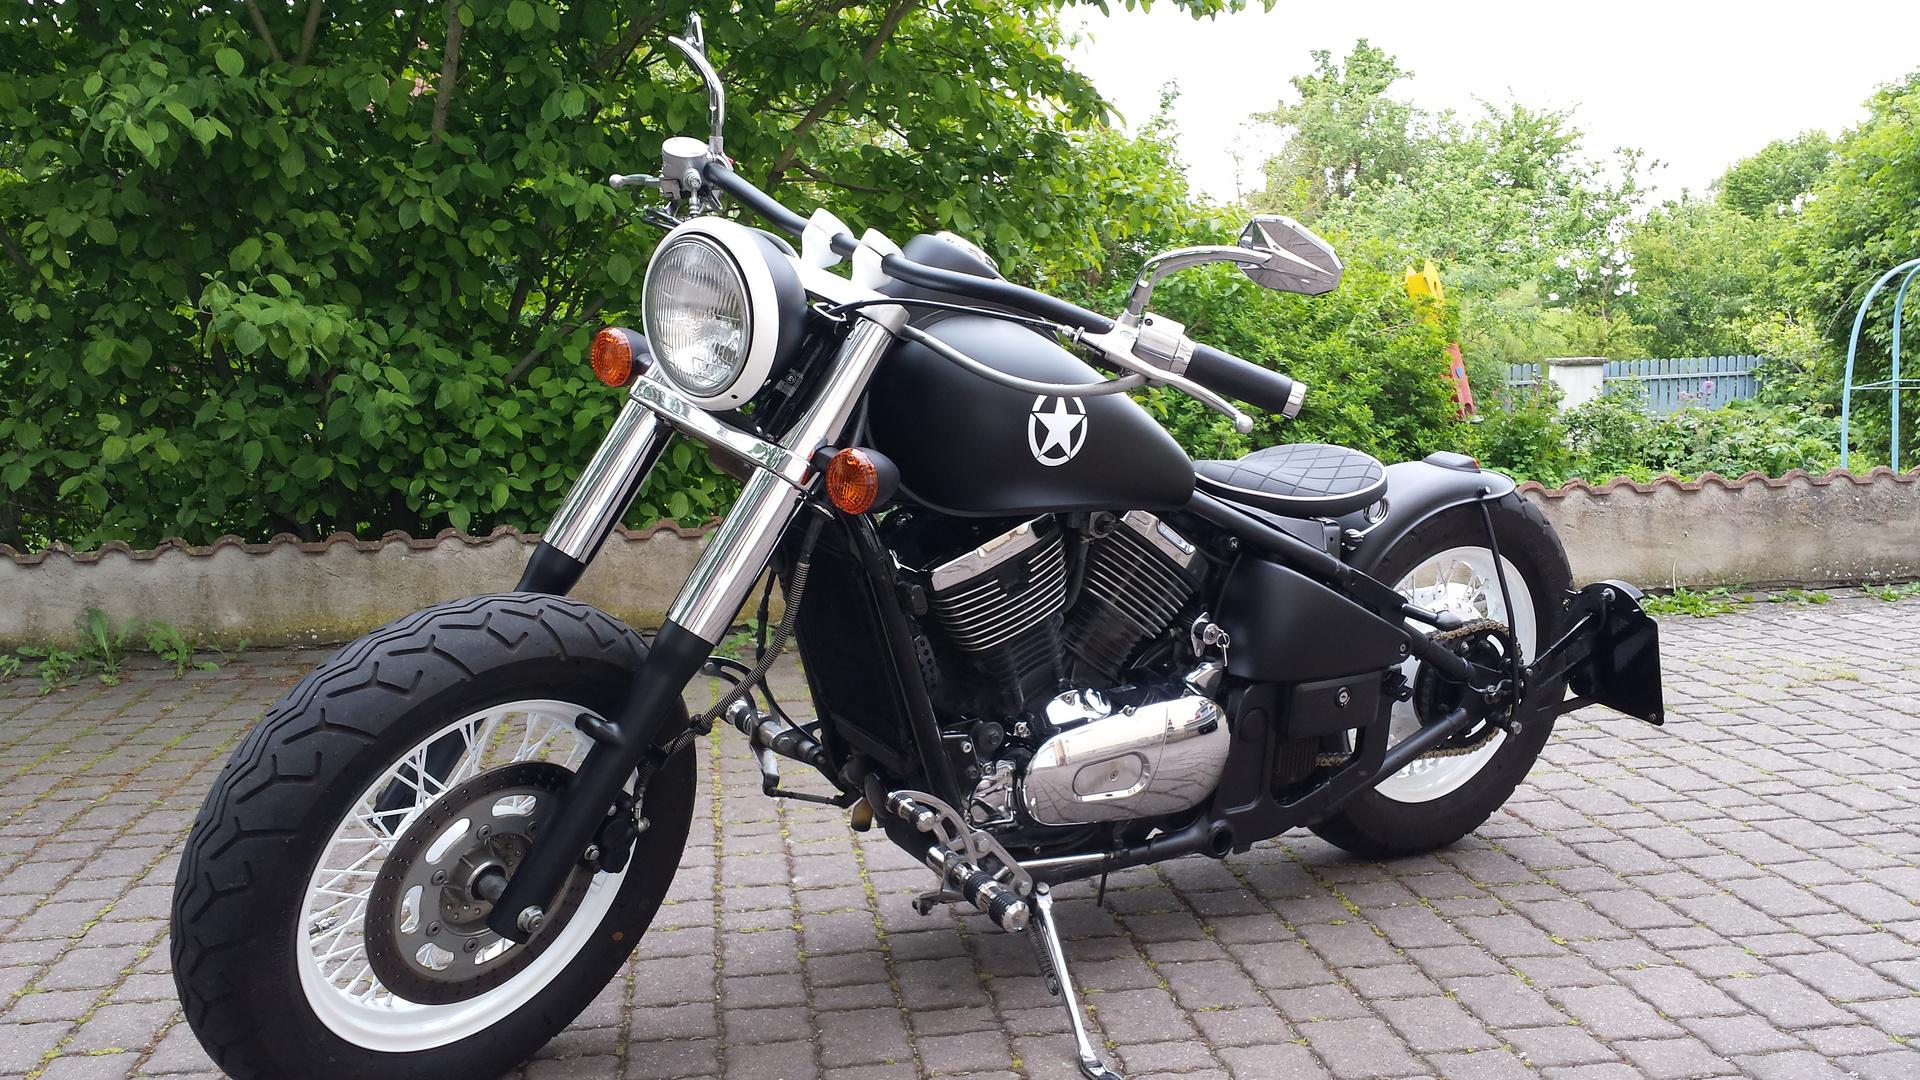 Kawasaki vn 800 Bobber